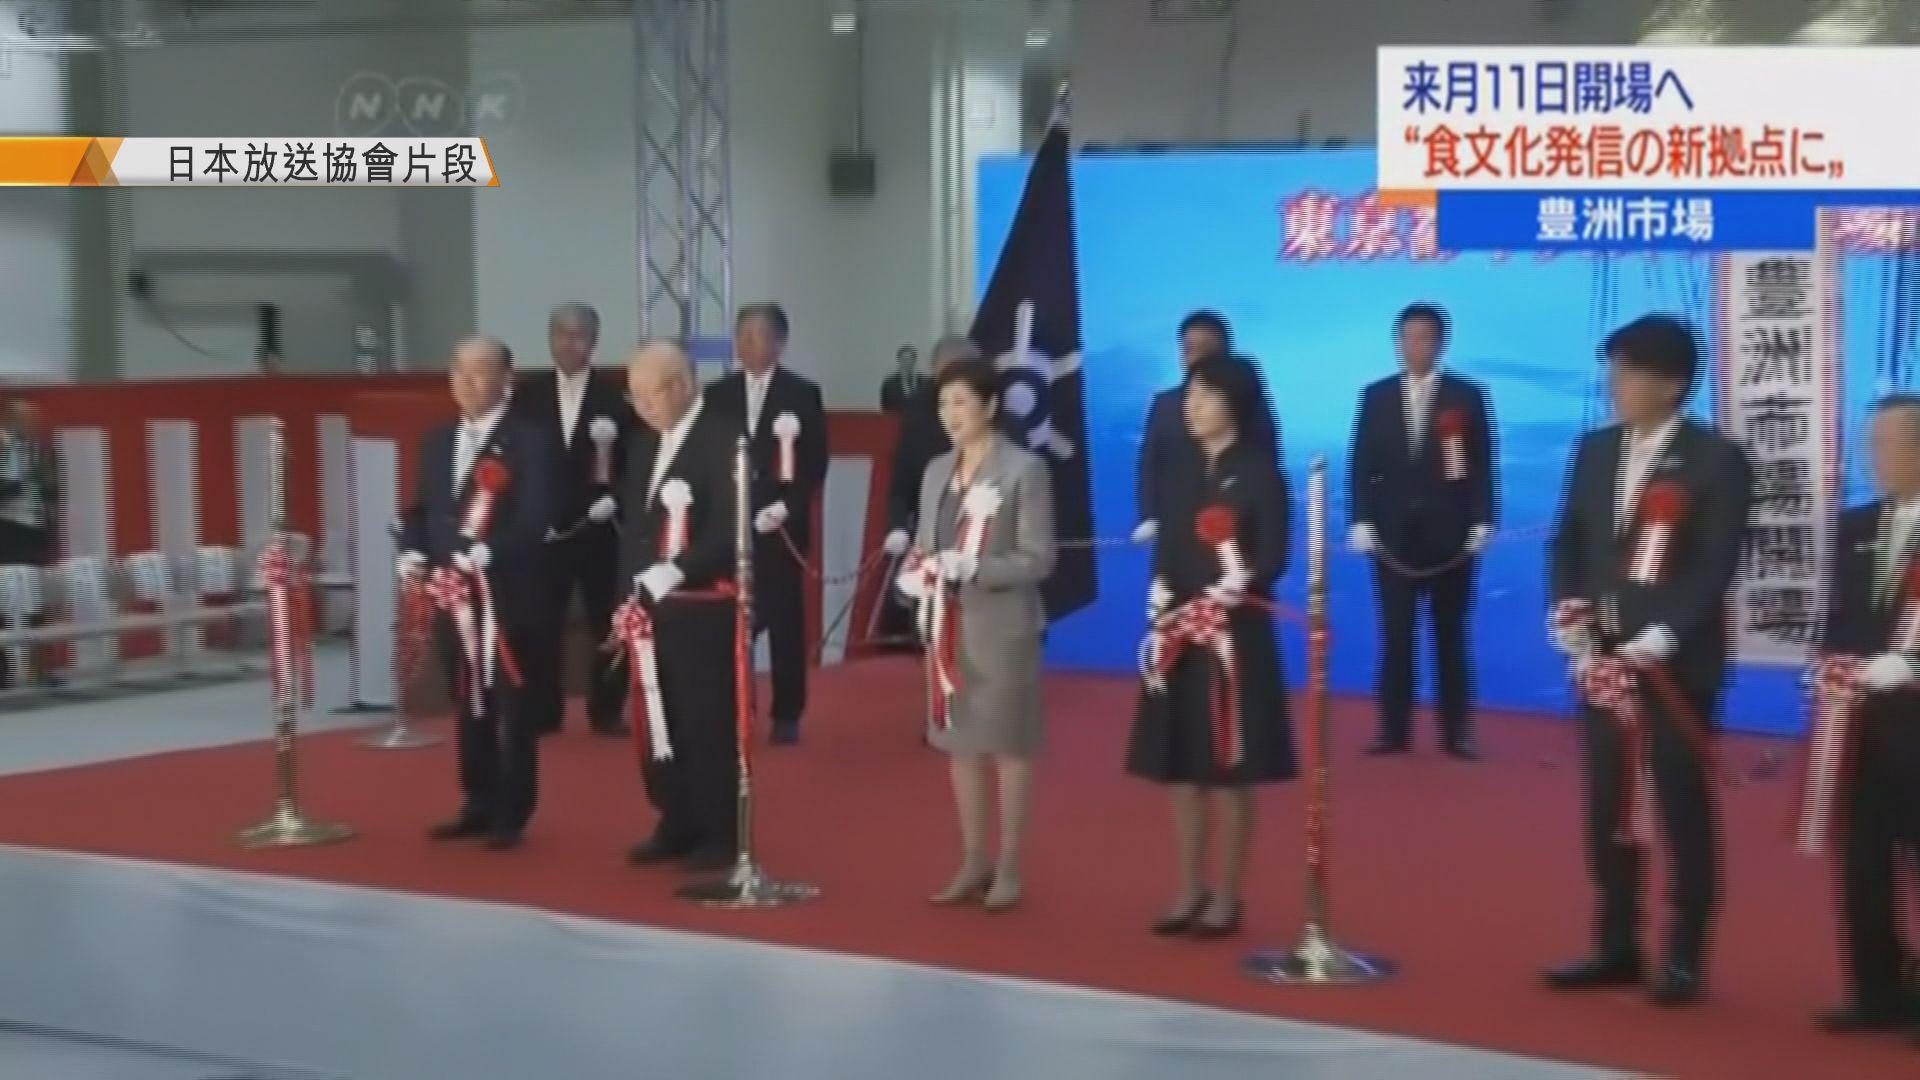 日本豐洲市場舉行開場剪綵儀式